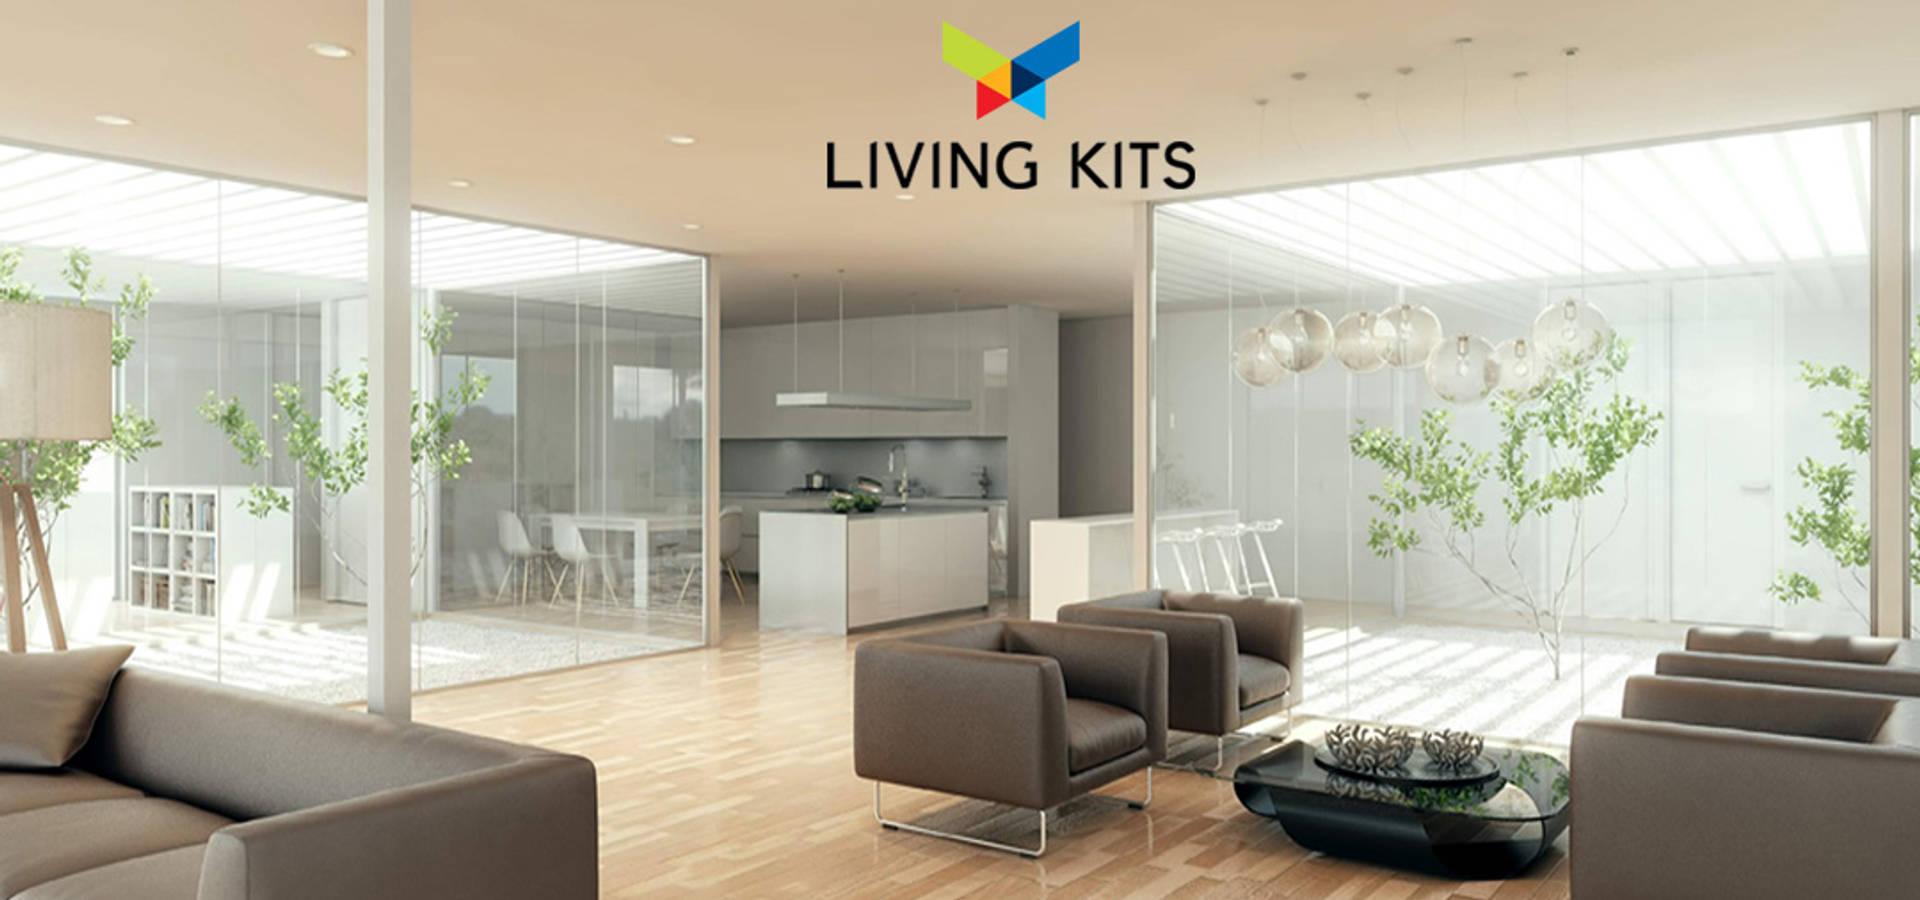 Casa sostenible de casas modernas living kits homify - Recibidores de casas modernas ...